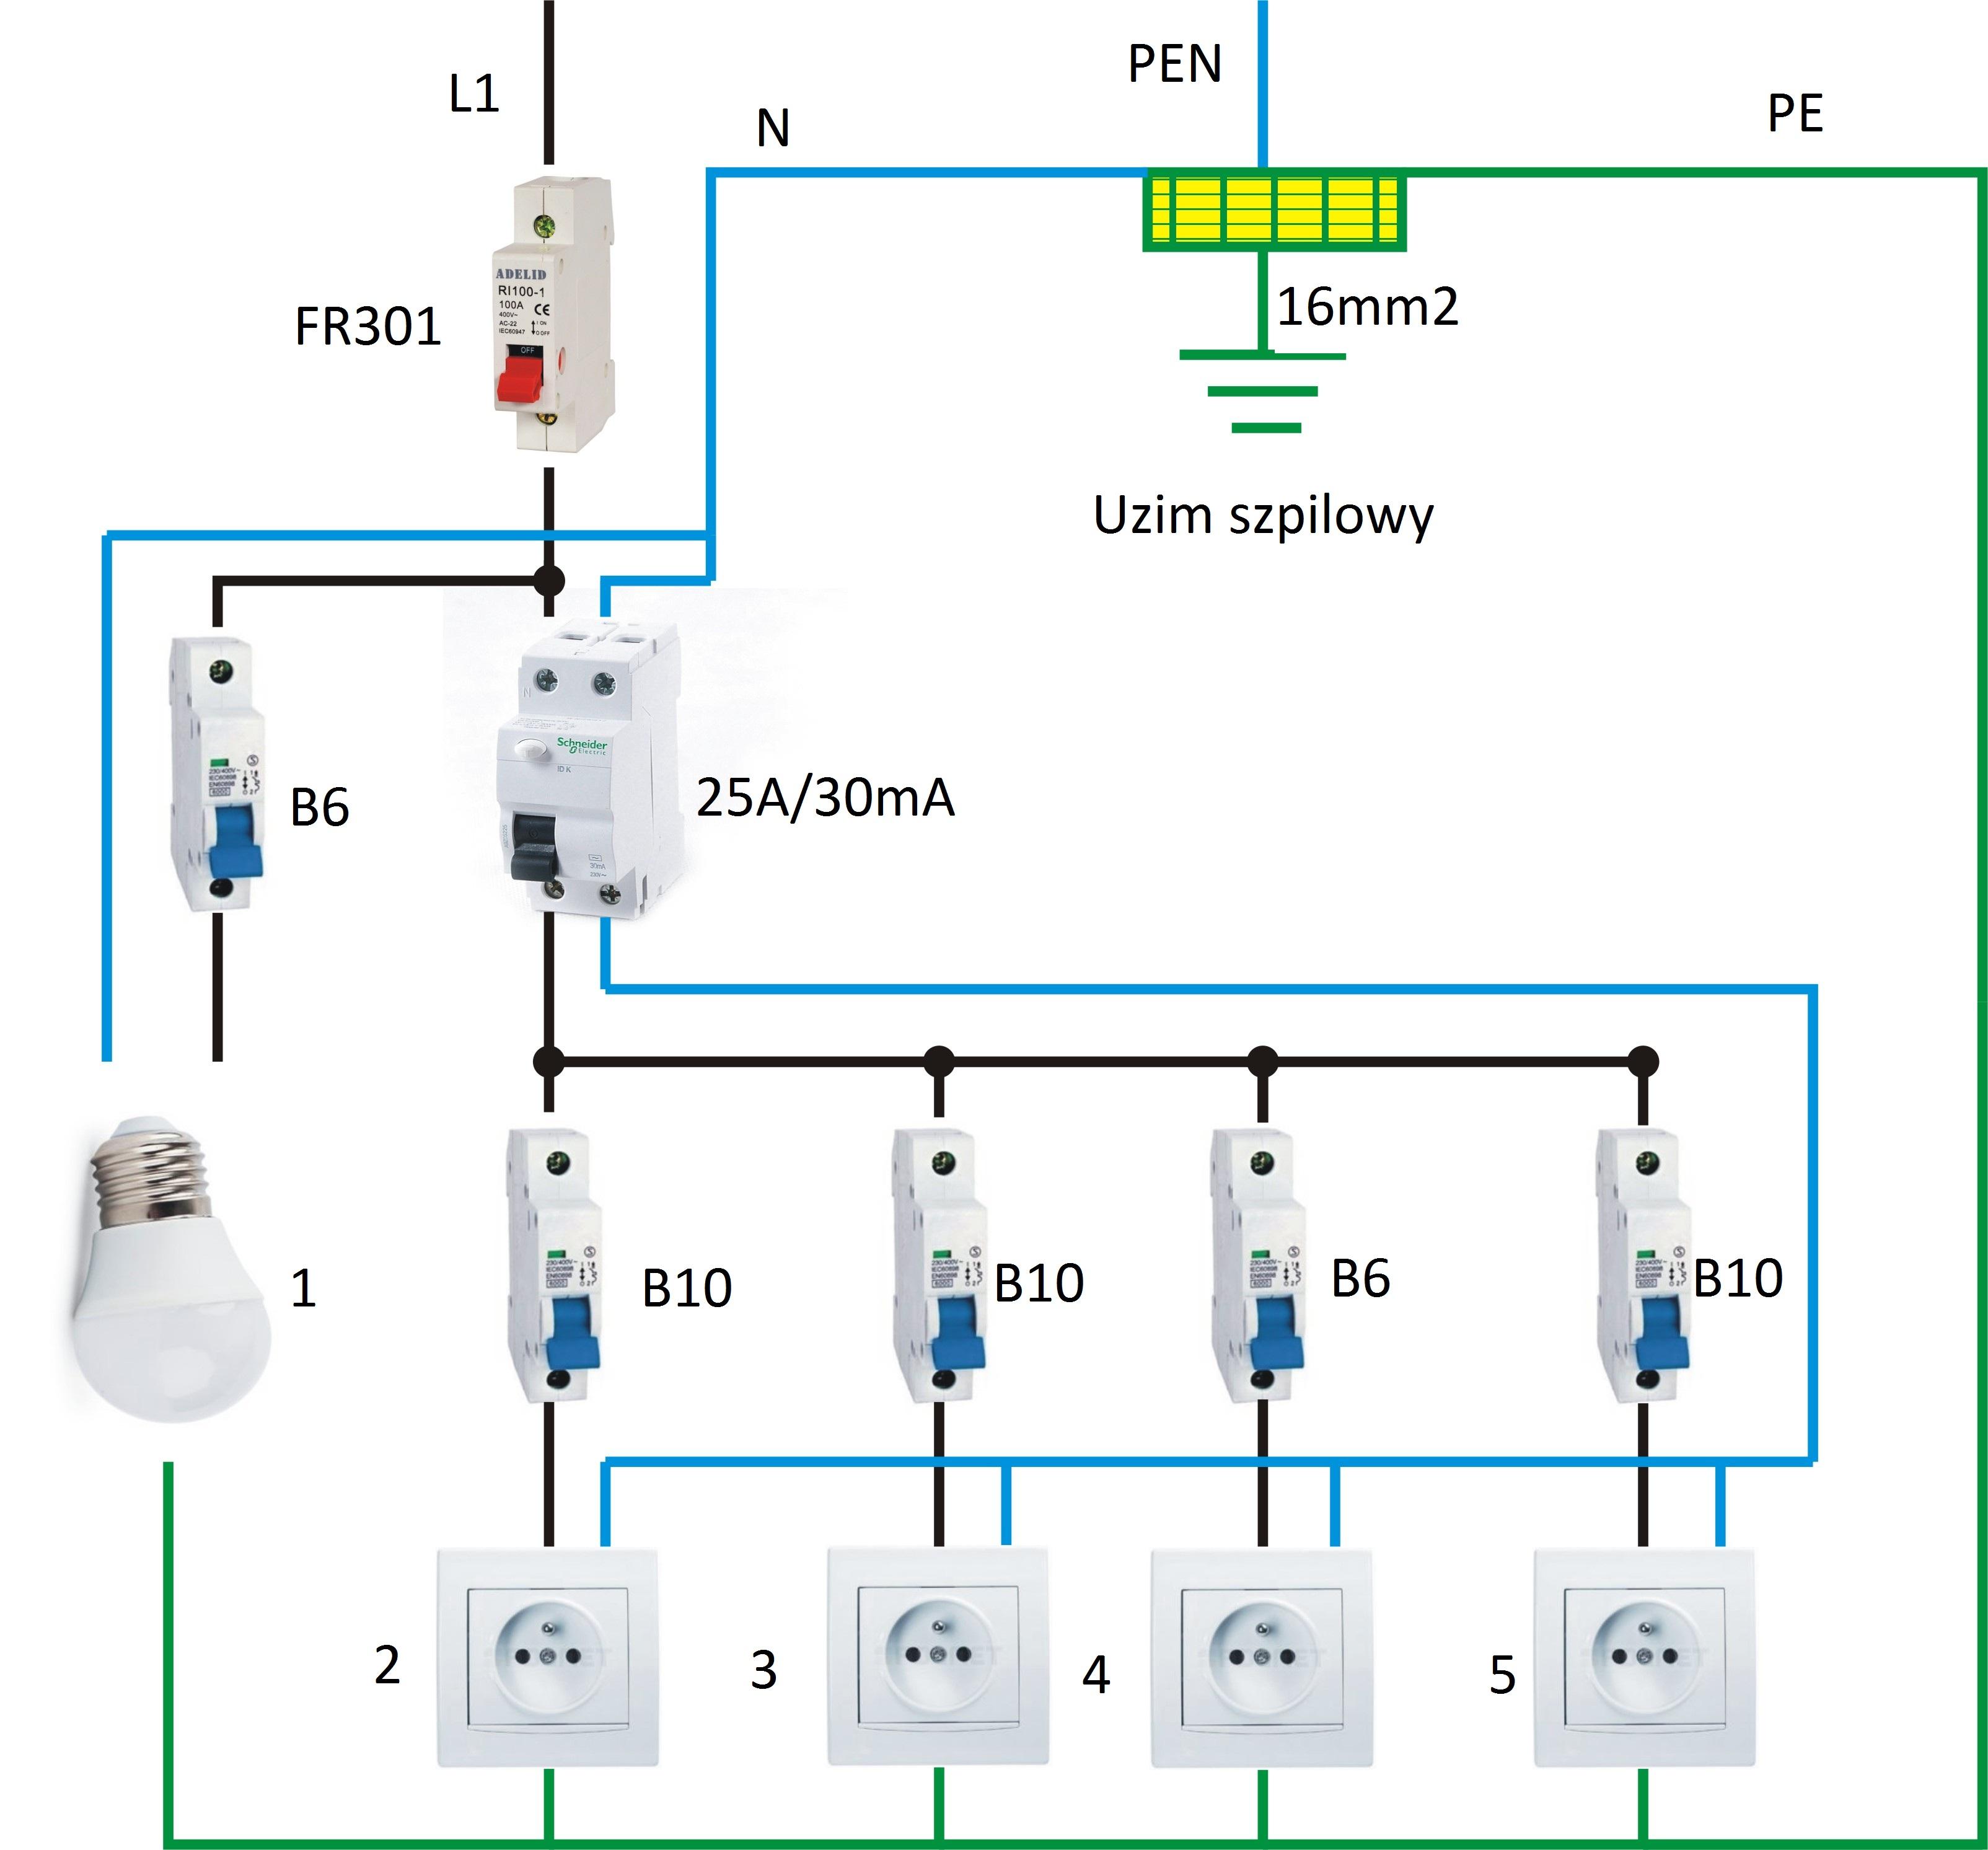 Instalacja elektryczna w kuchni  elektroda pl -> Kuchnia Elektryczna Schemat Podlączenia